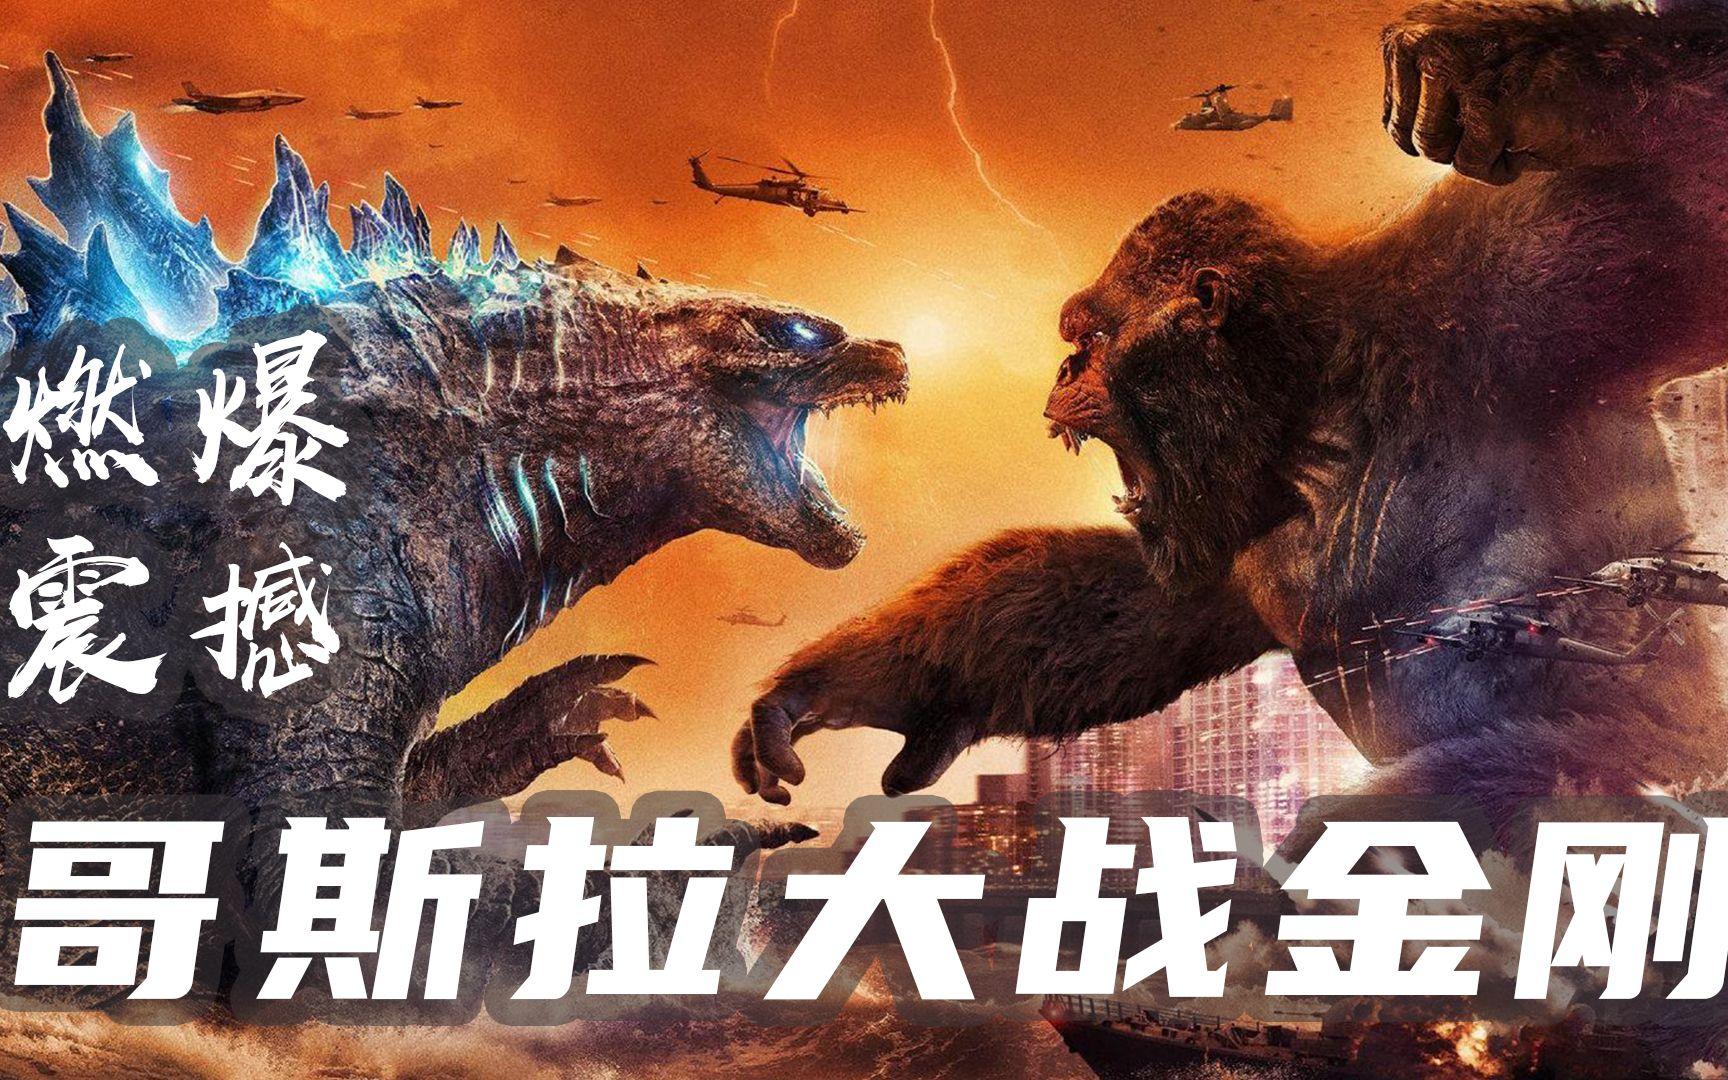 哥斯拉大战金刚完整解说,两巨兽爆发世纪大战,场面火爆拳拳到肉